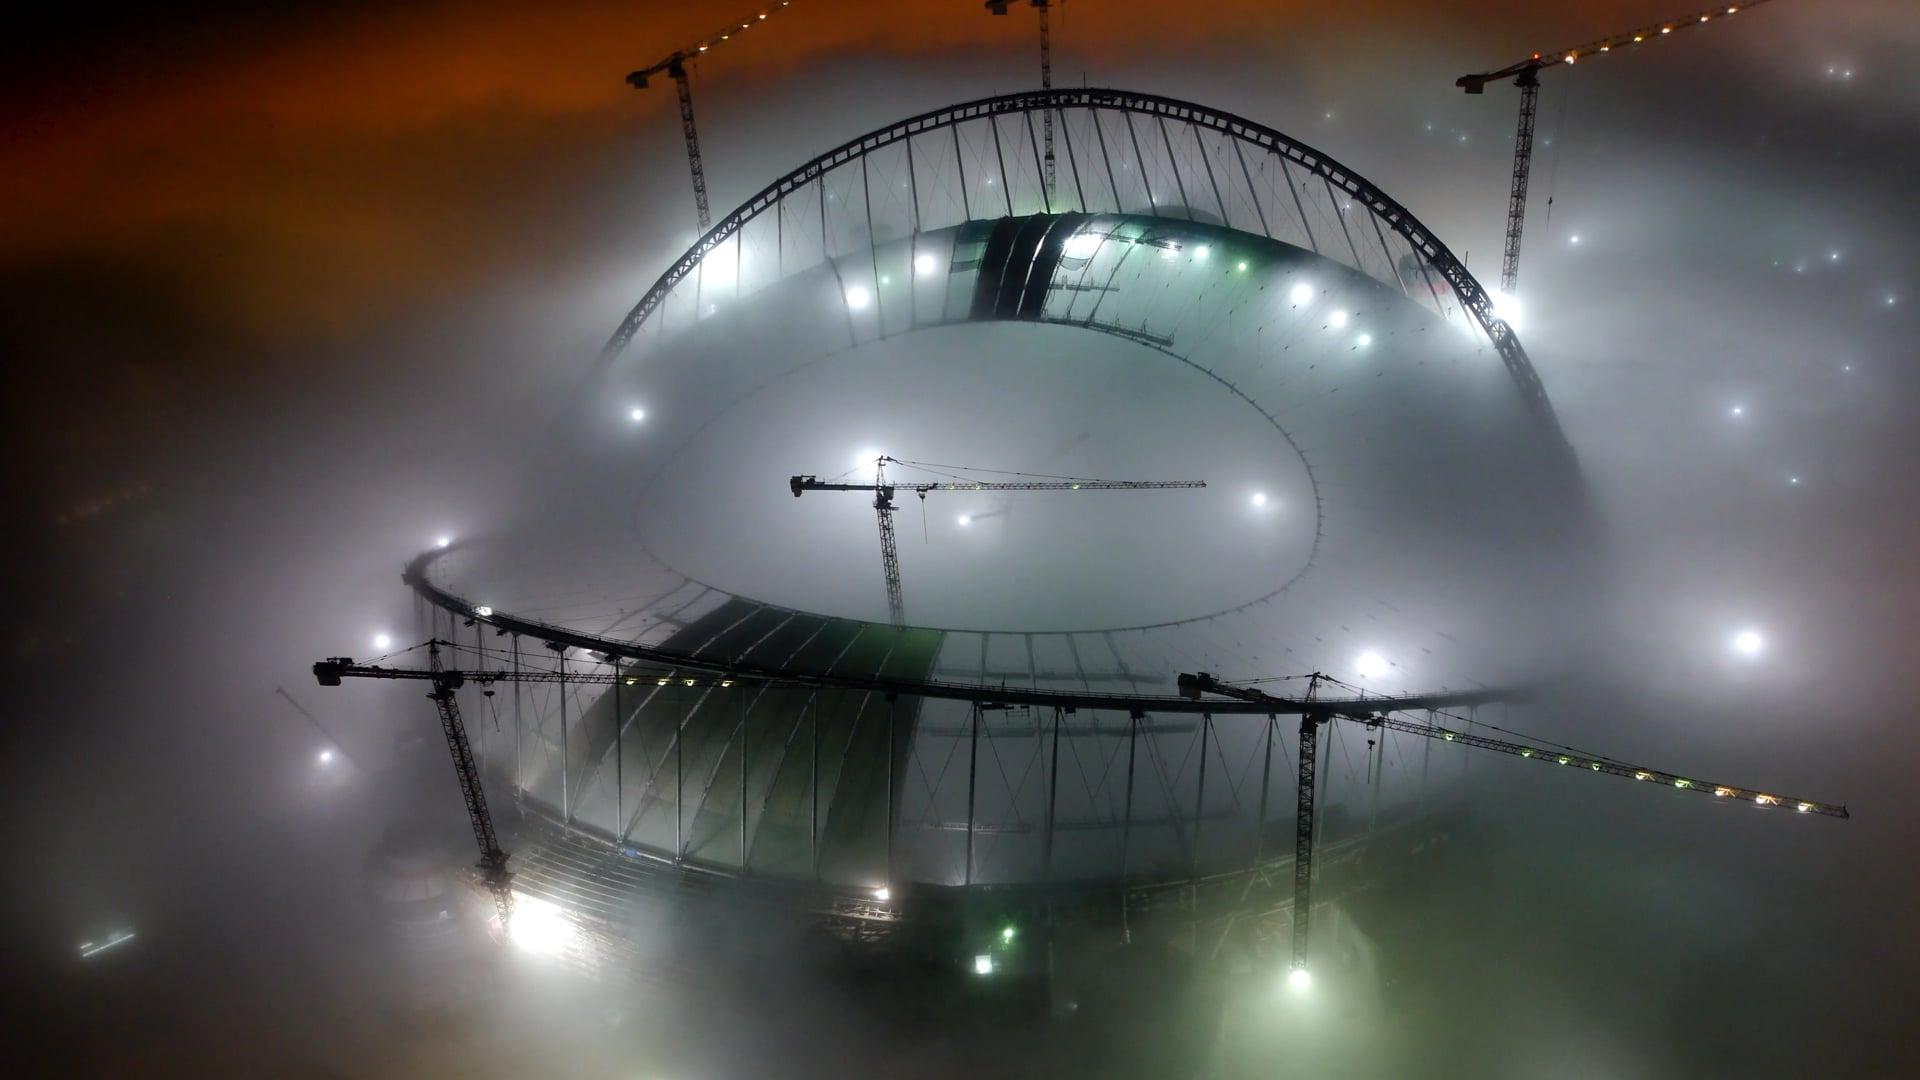 MK timelapse Khalifa Stadium Qatar